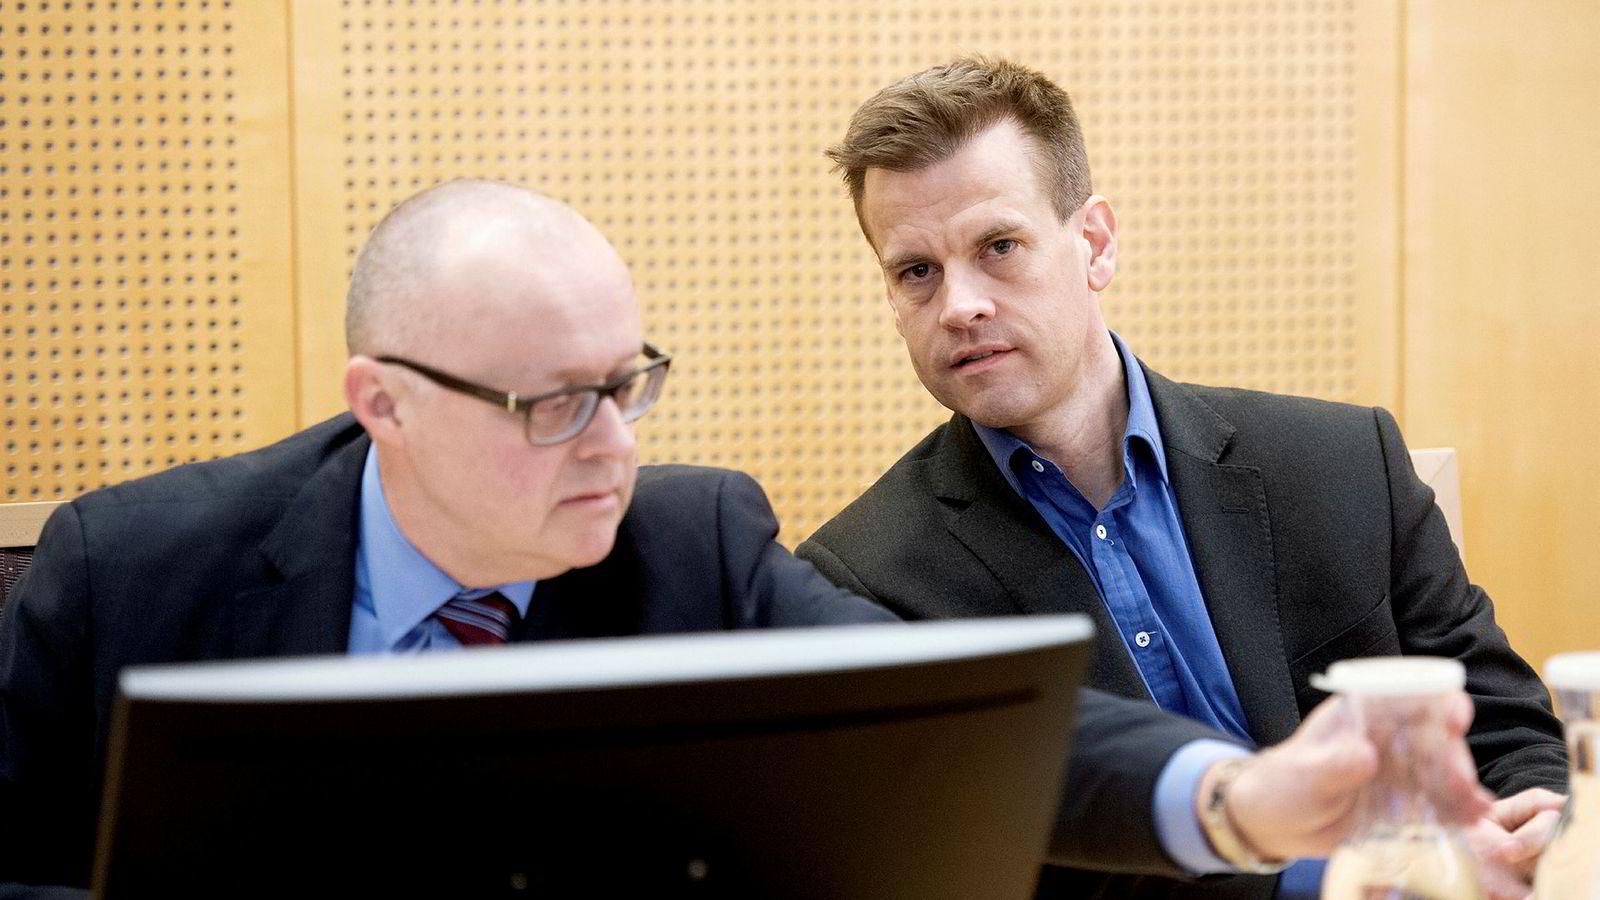 Arne Vigeland (til høyre) har saksøkt det tidligere styret i RenoNorden for å ha tilbakeholdt informasjon i forbindelse med en emisjon i selskapet. Tidligere styreleder, Per Gunnar Rymer (til venstre) er konsulent for Vigeland i søksmålet.